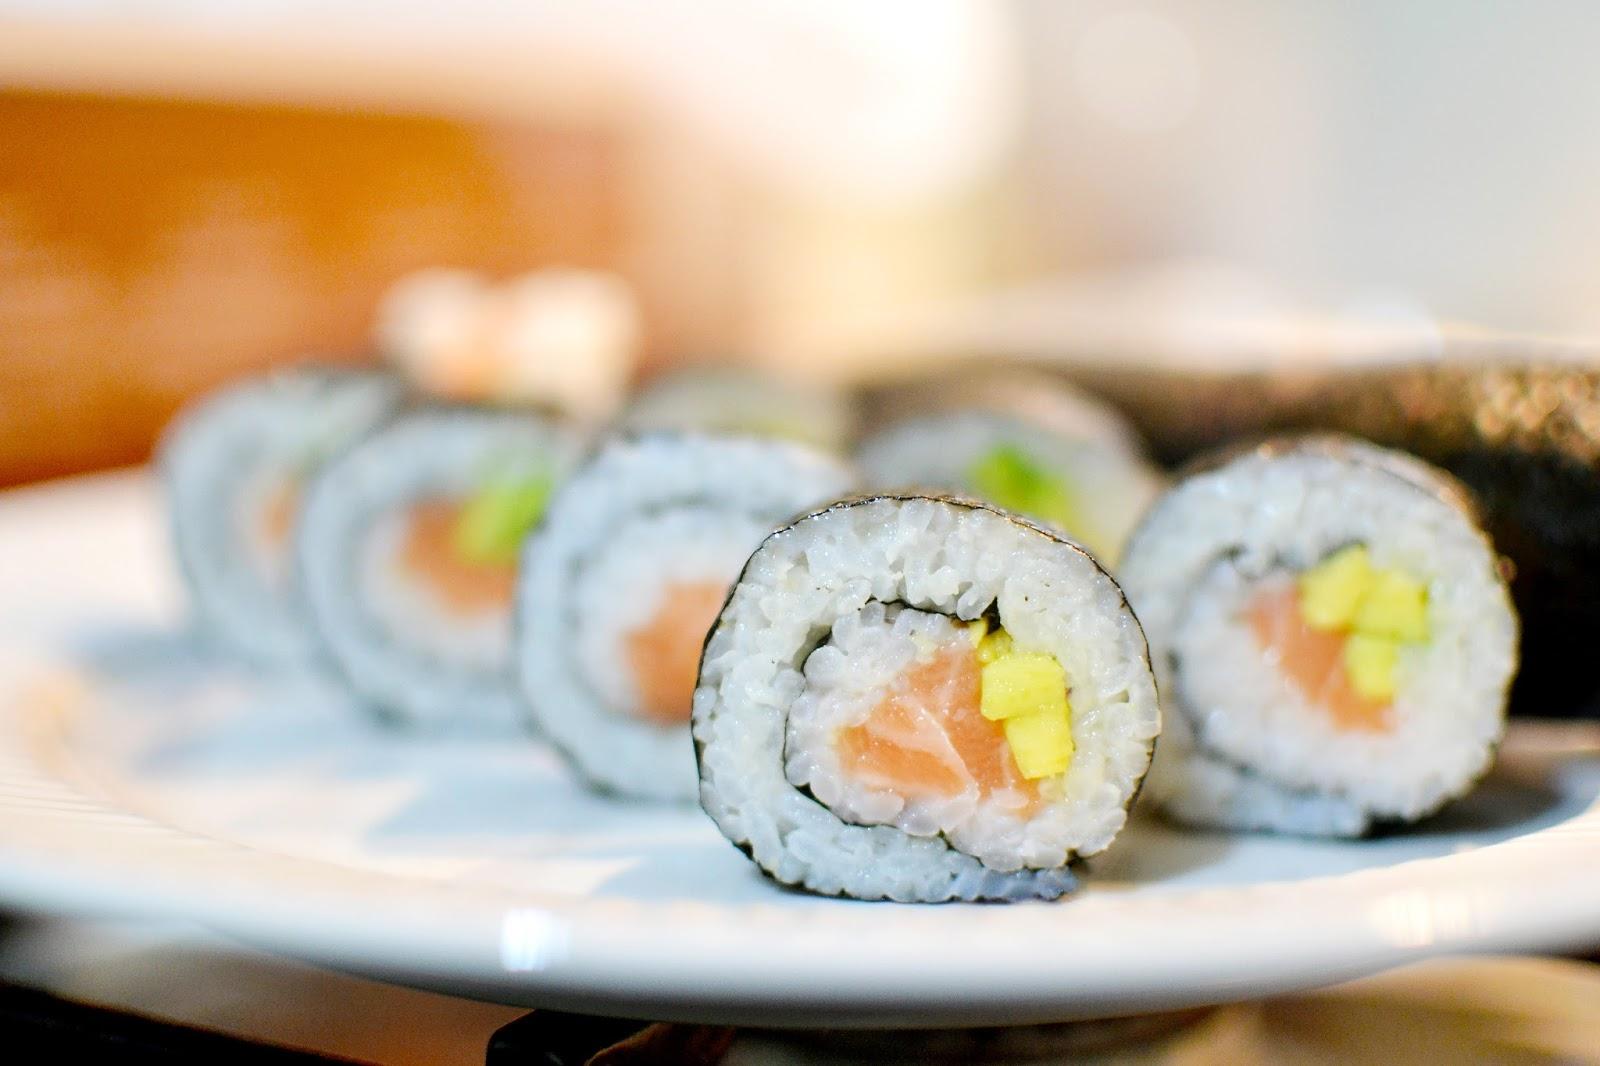 sushi, homemade sushi